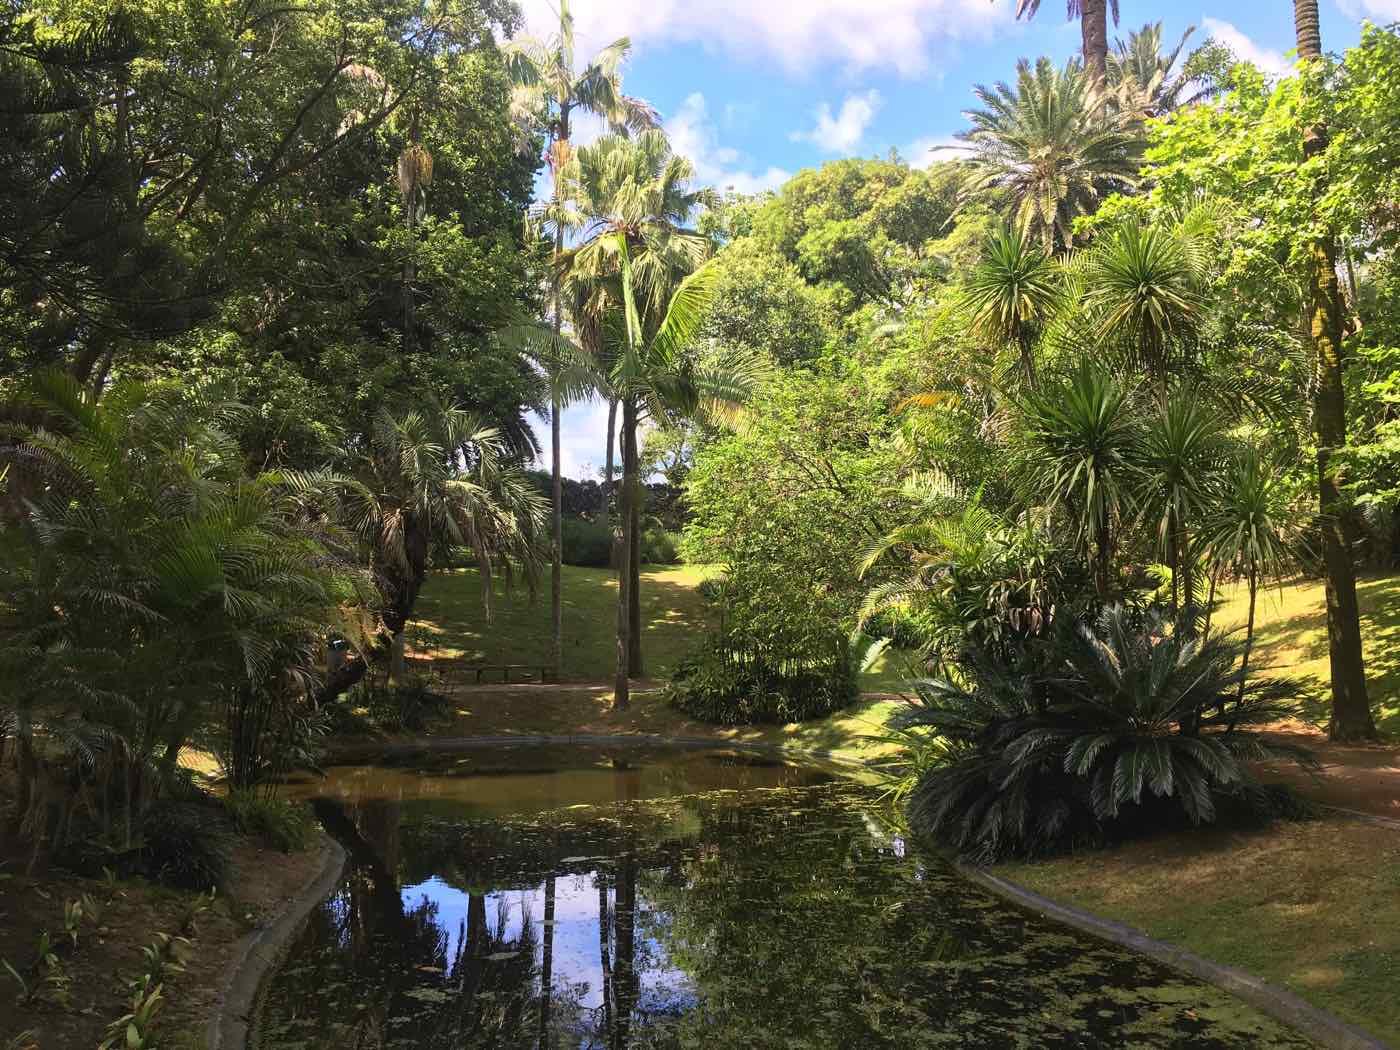 ponta delgada azores gardens antonio borges park